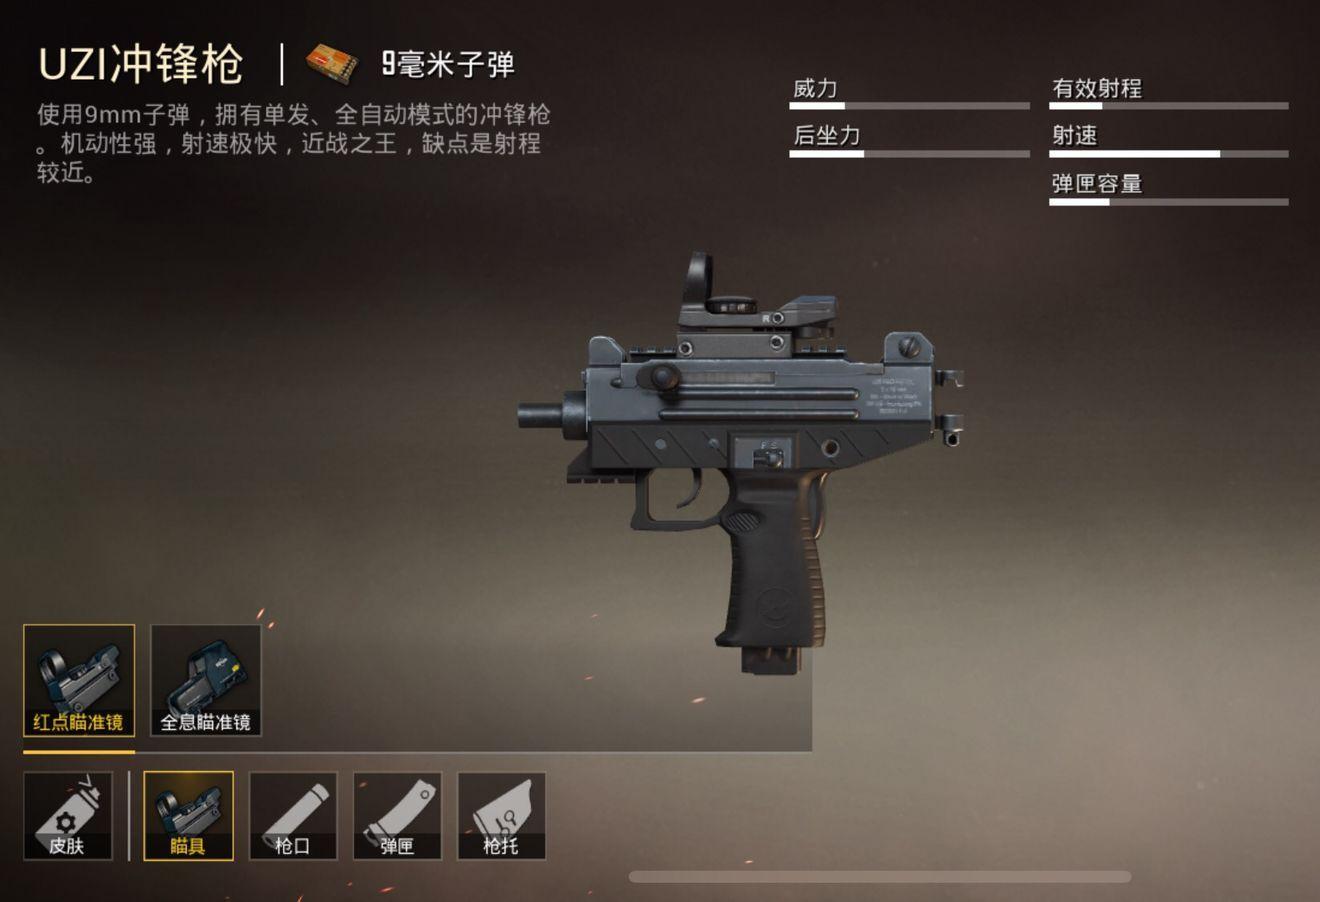 和平精英新枪械P90怎么样 团竞新枪械P90介绍[多图]图片3